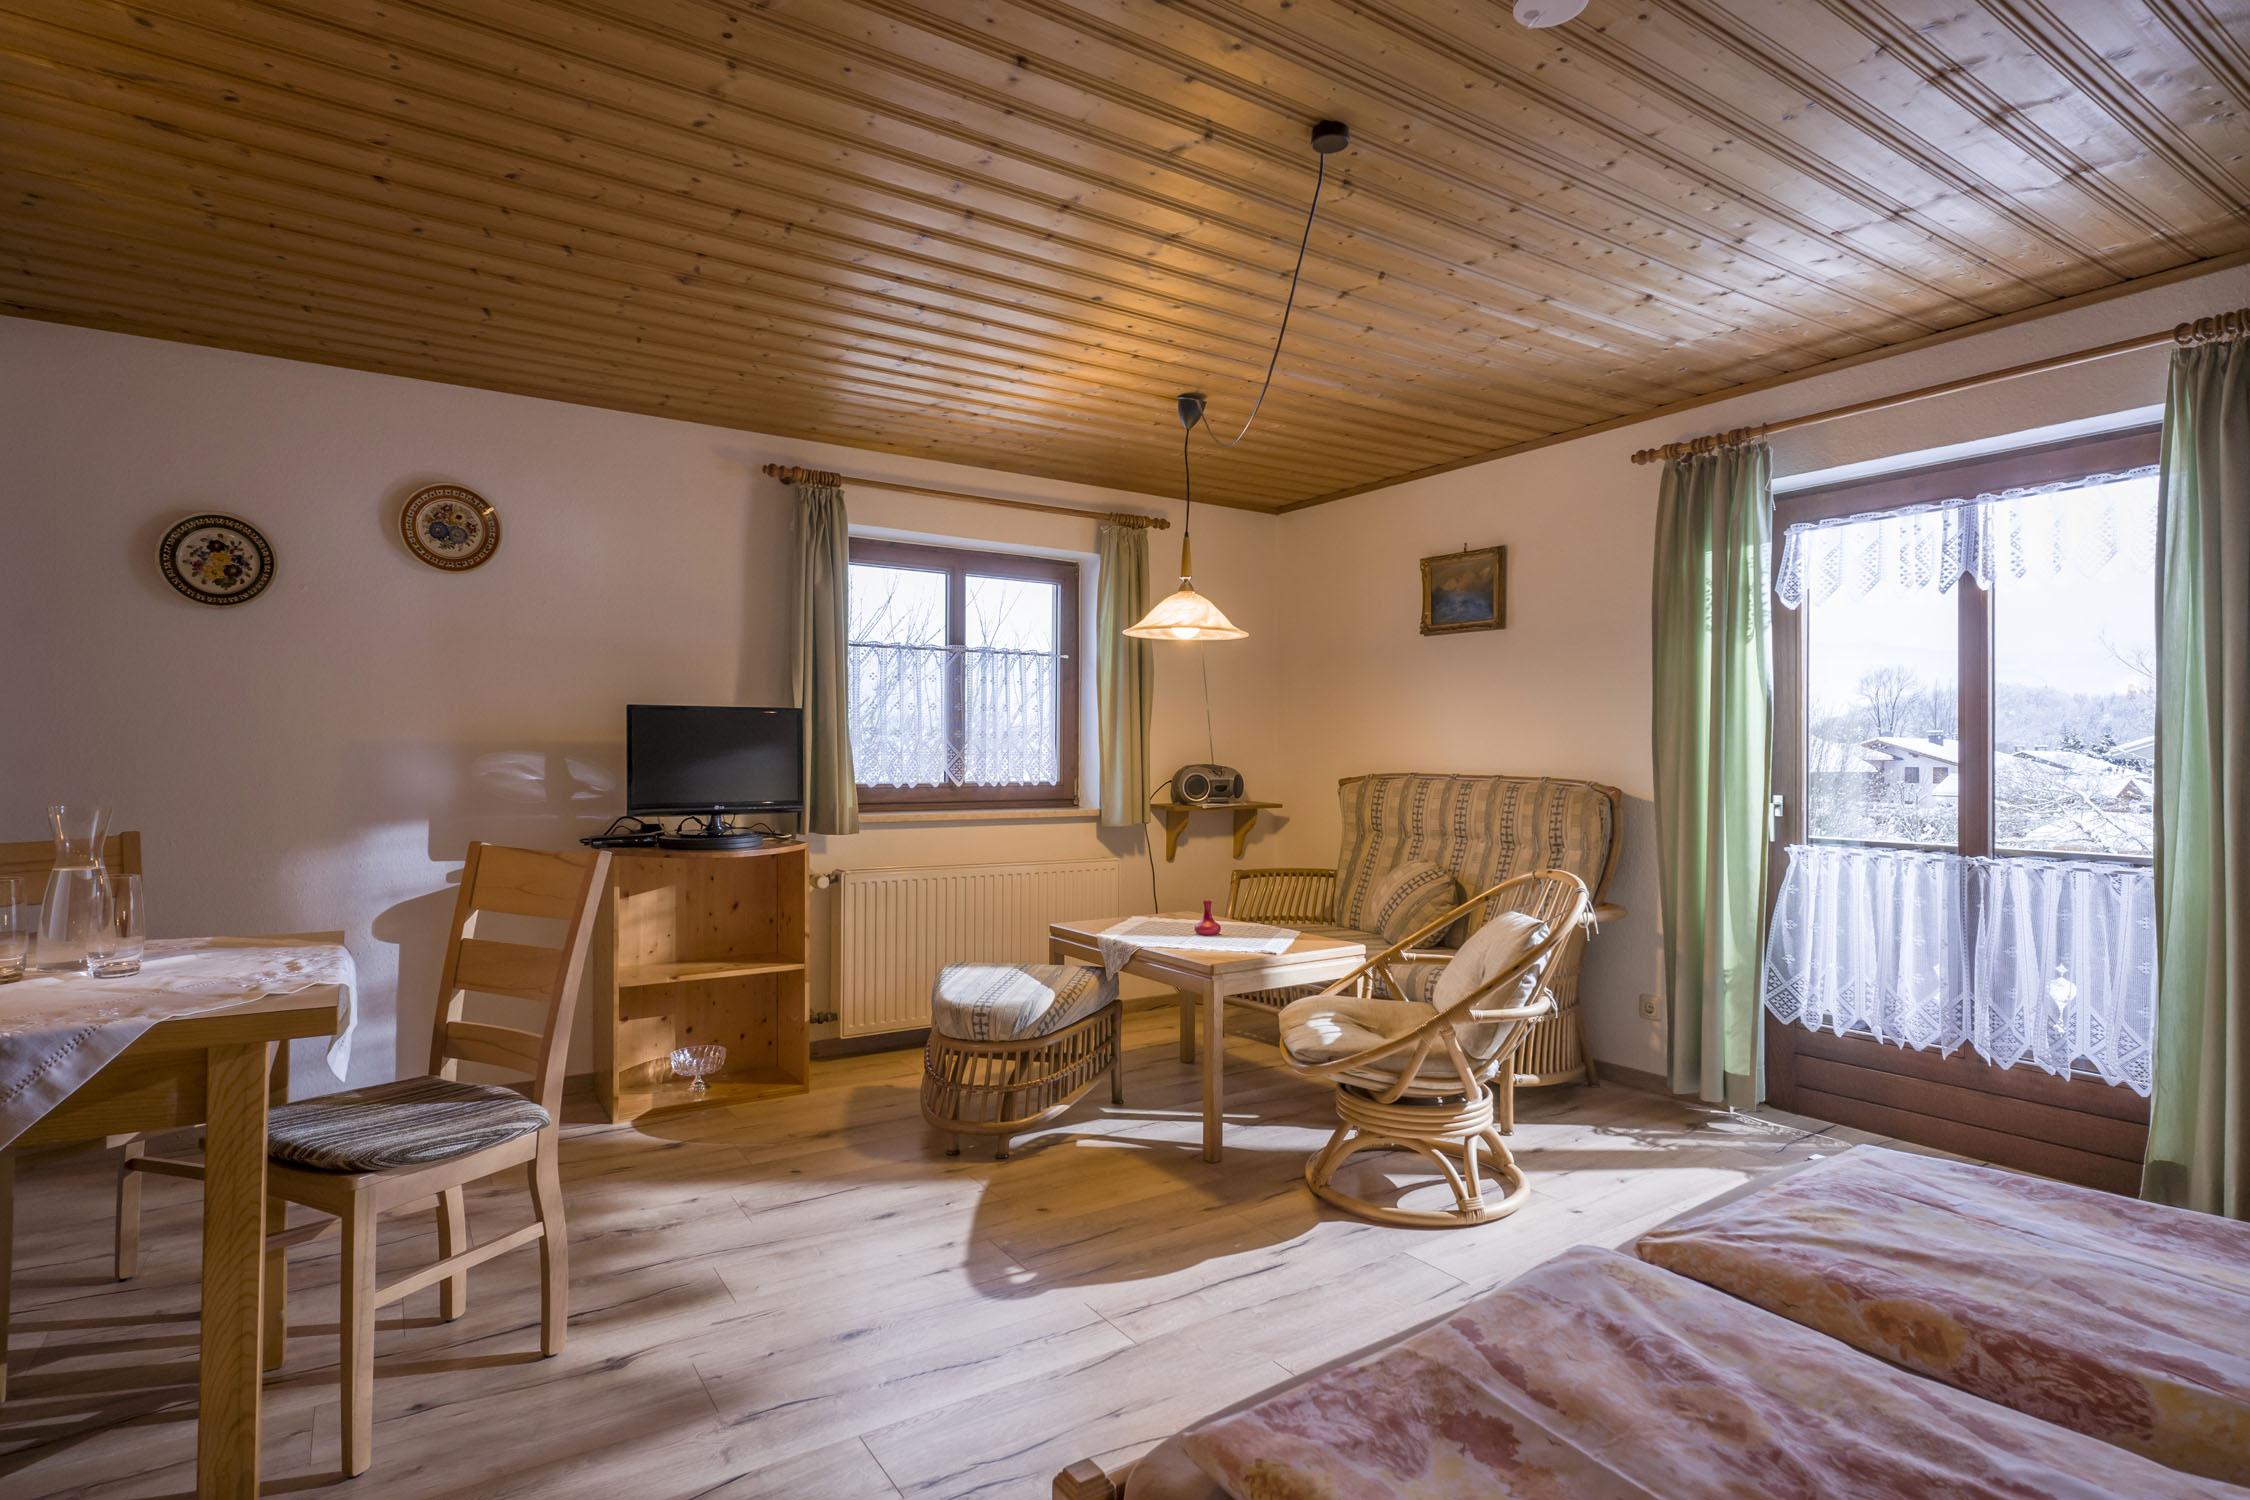 Ferienwohnung Haus Enzian (DE Oberaudorf). 1-Zimmer Ferienwohnung 40qm (709912), Oberaudorf, Chiemgau, Bayern, Deutschland, Bild 11